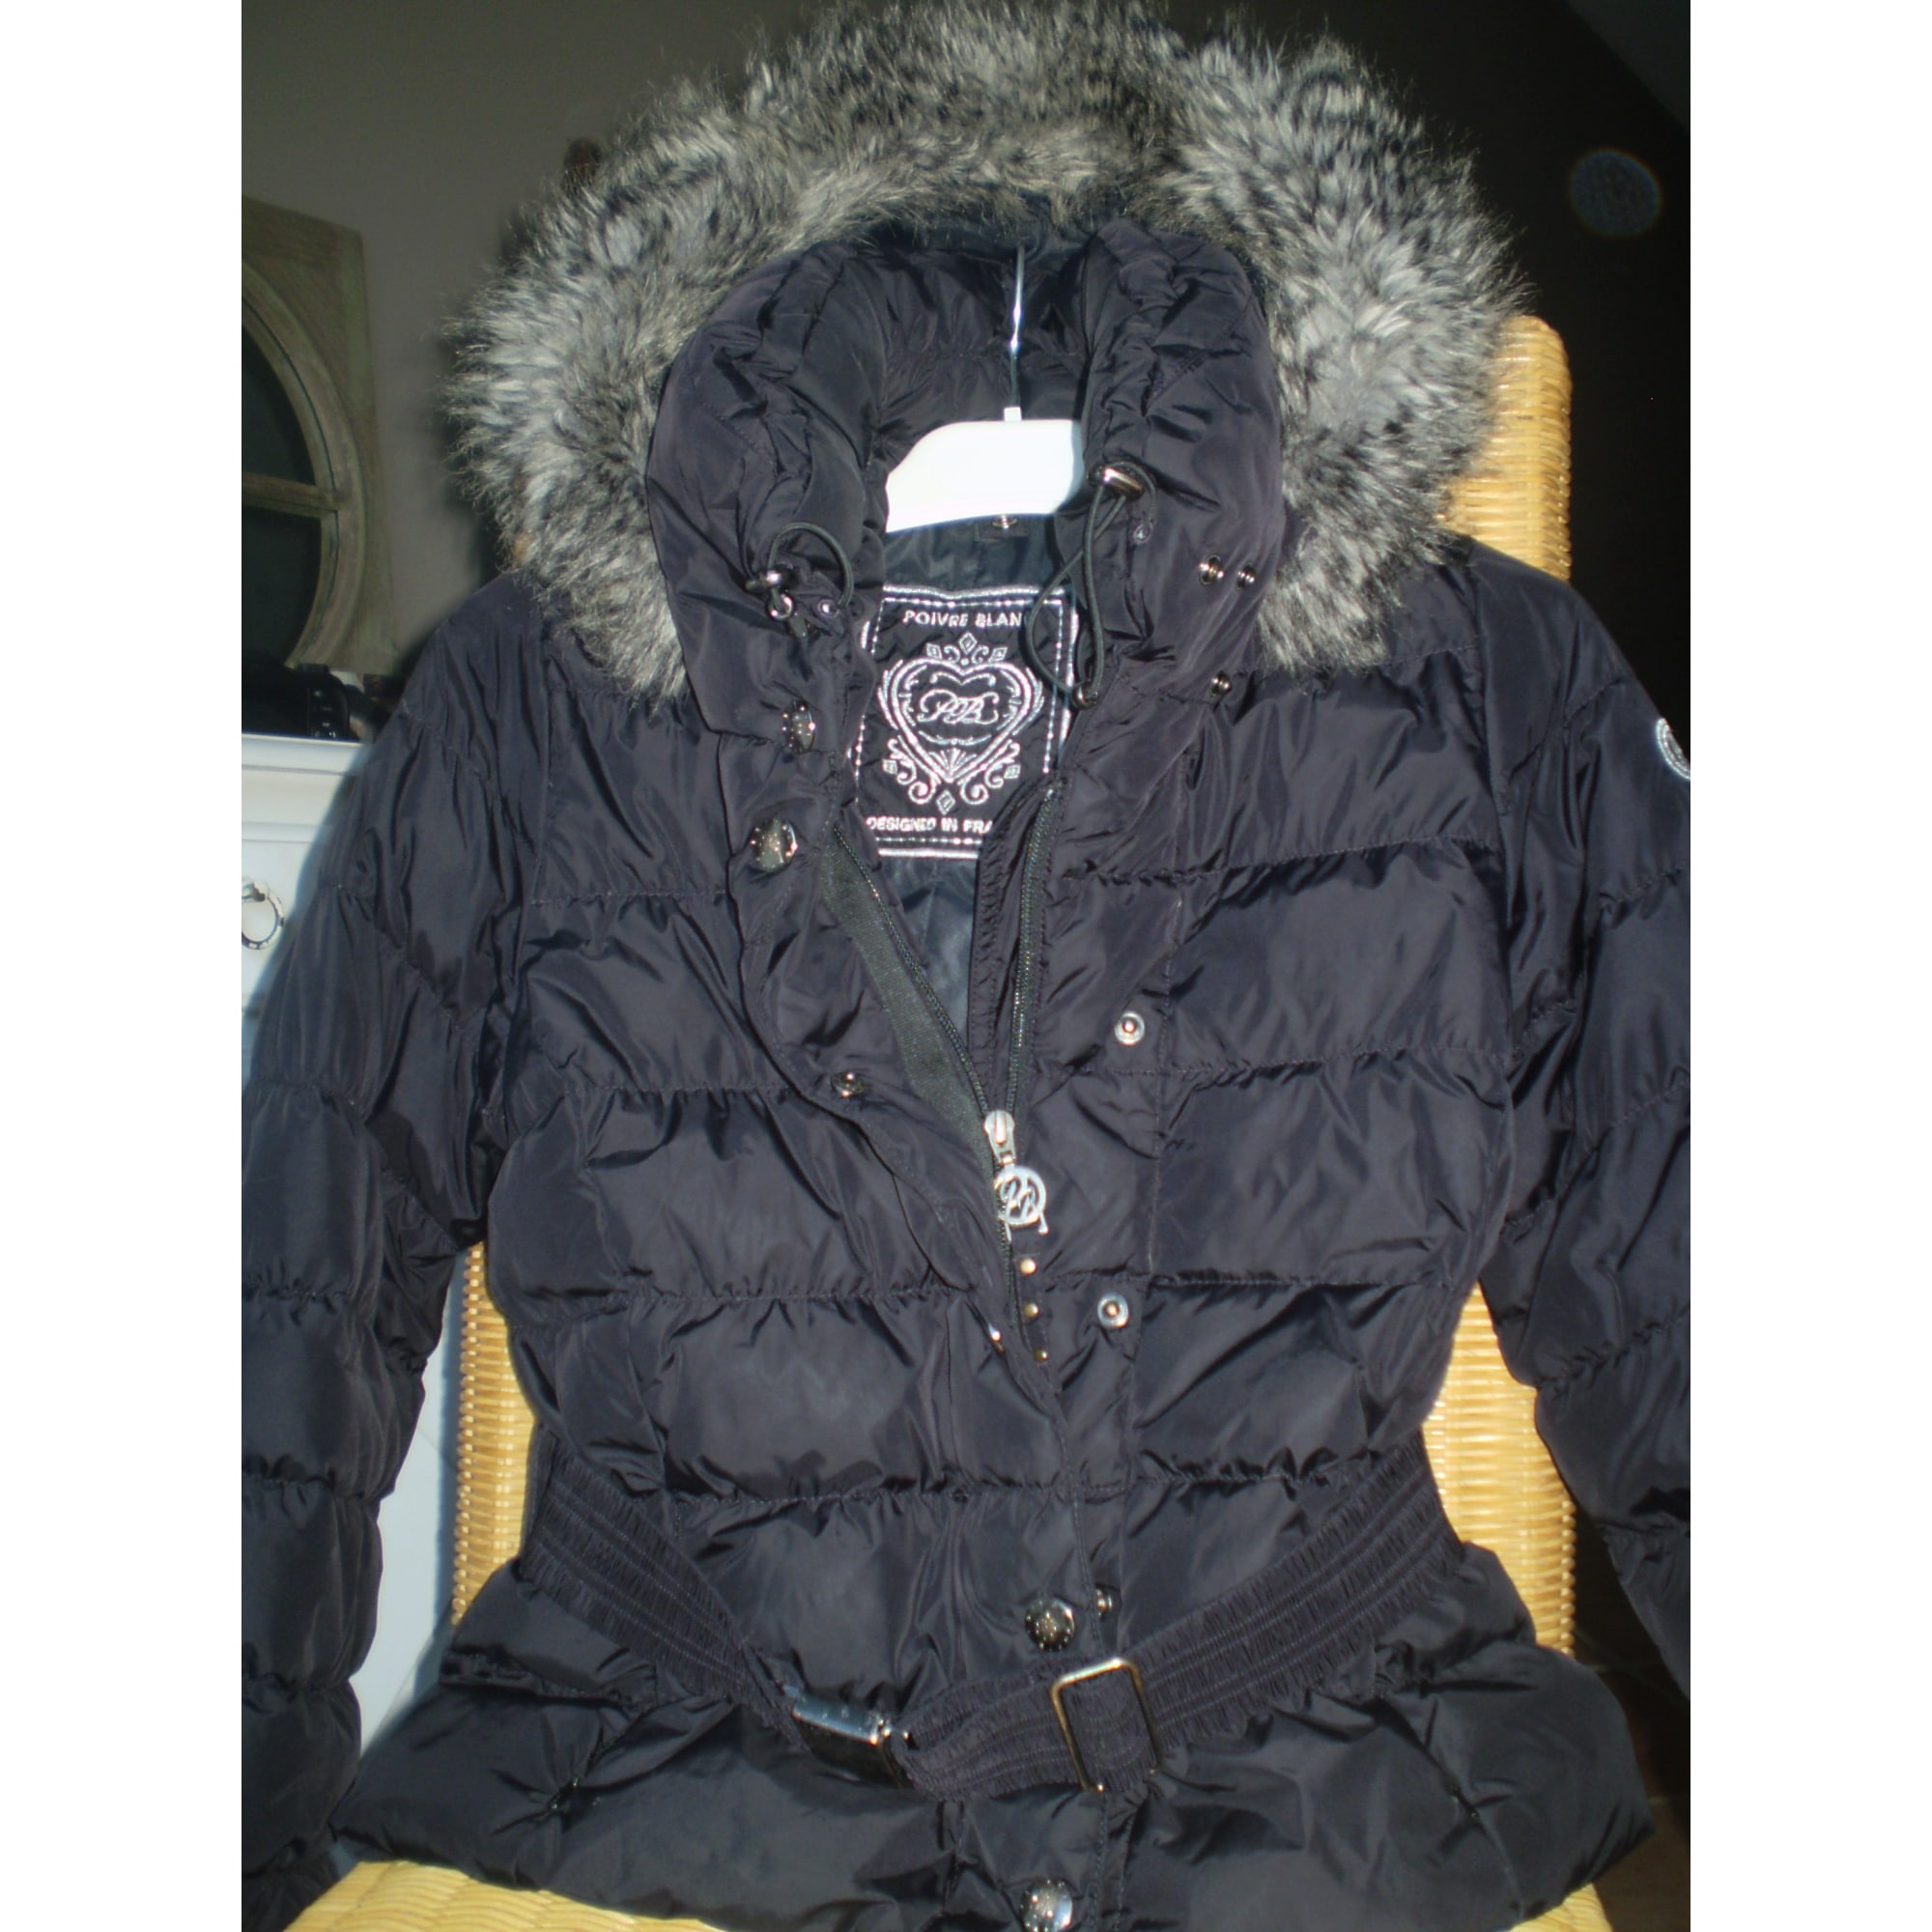 bb986d897154 Doudoune POIVRE BLANC 9-10 ans noir vendu par D anais 501571131 ...